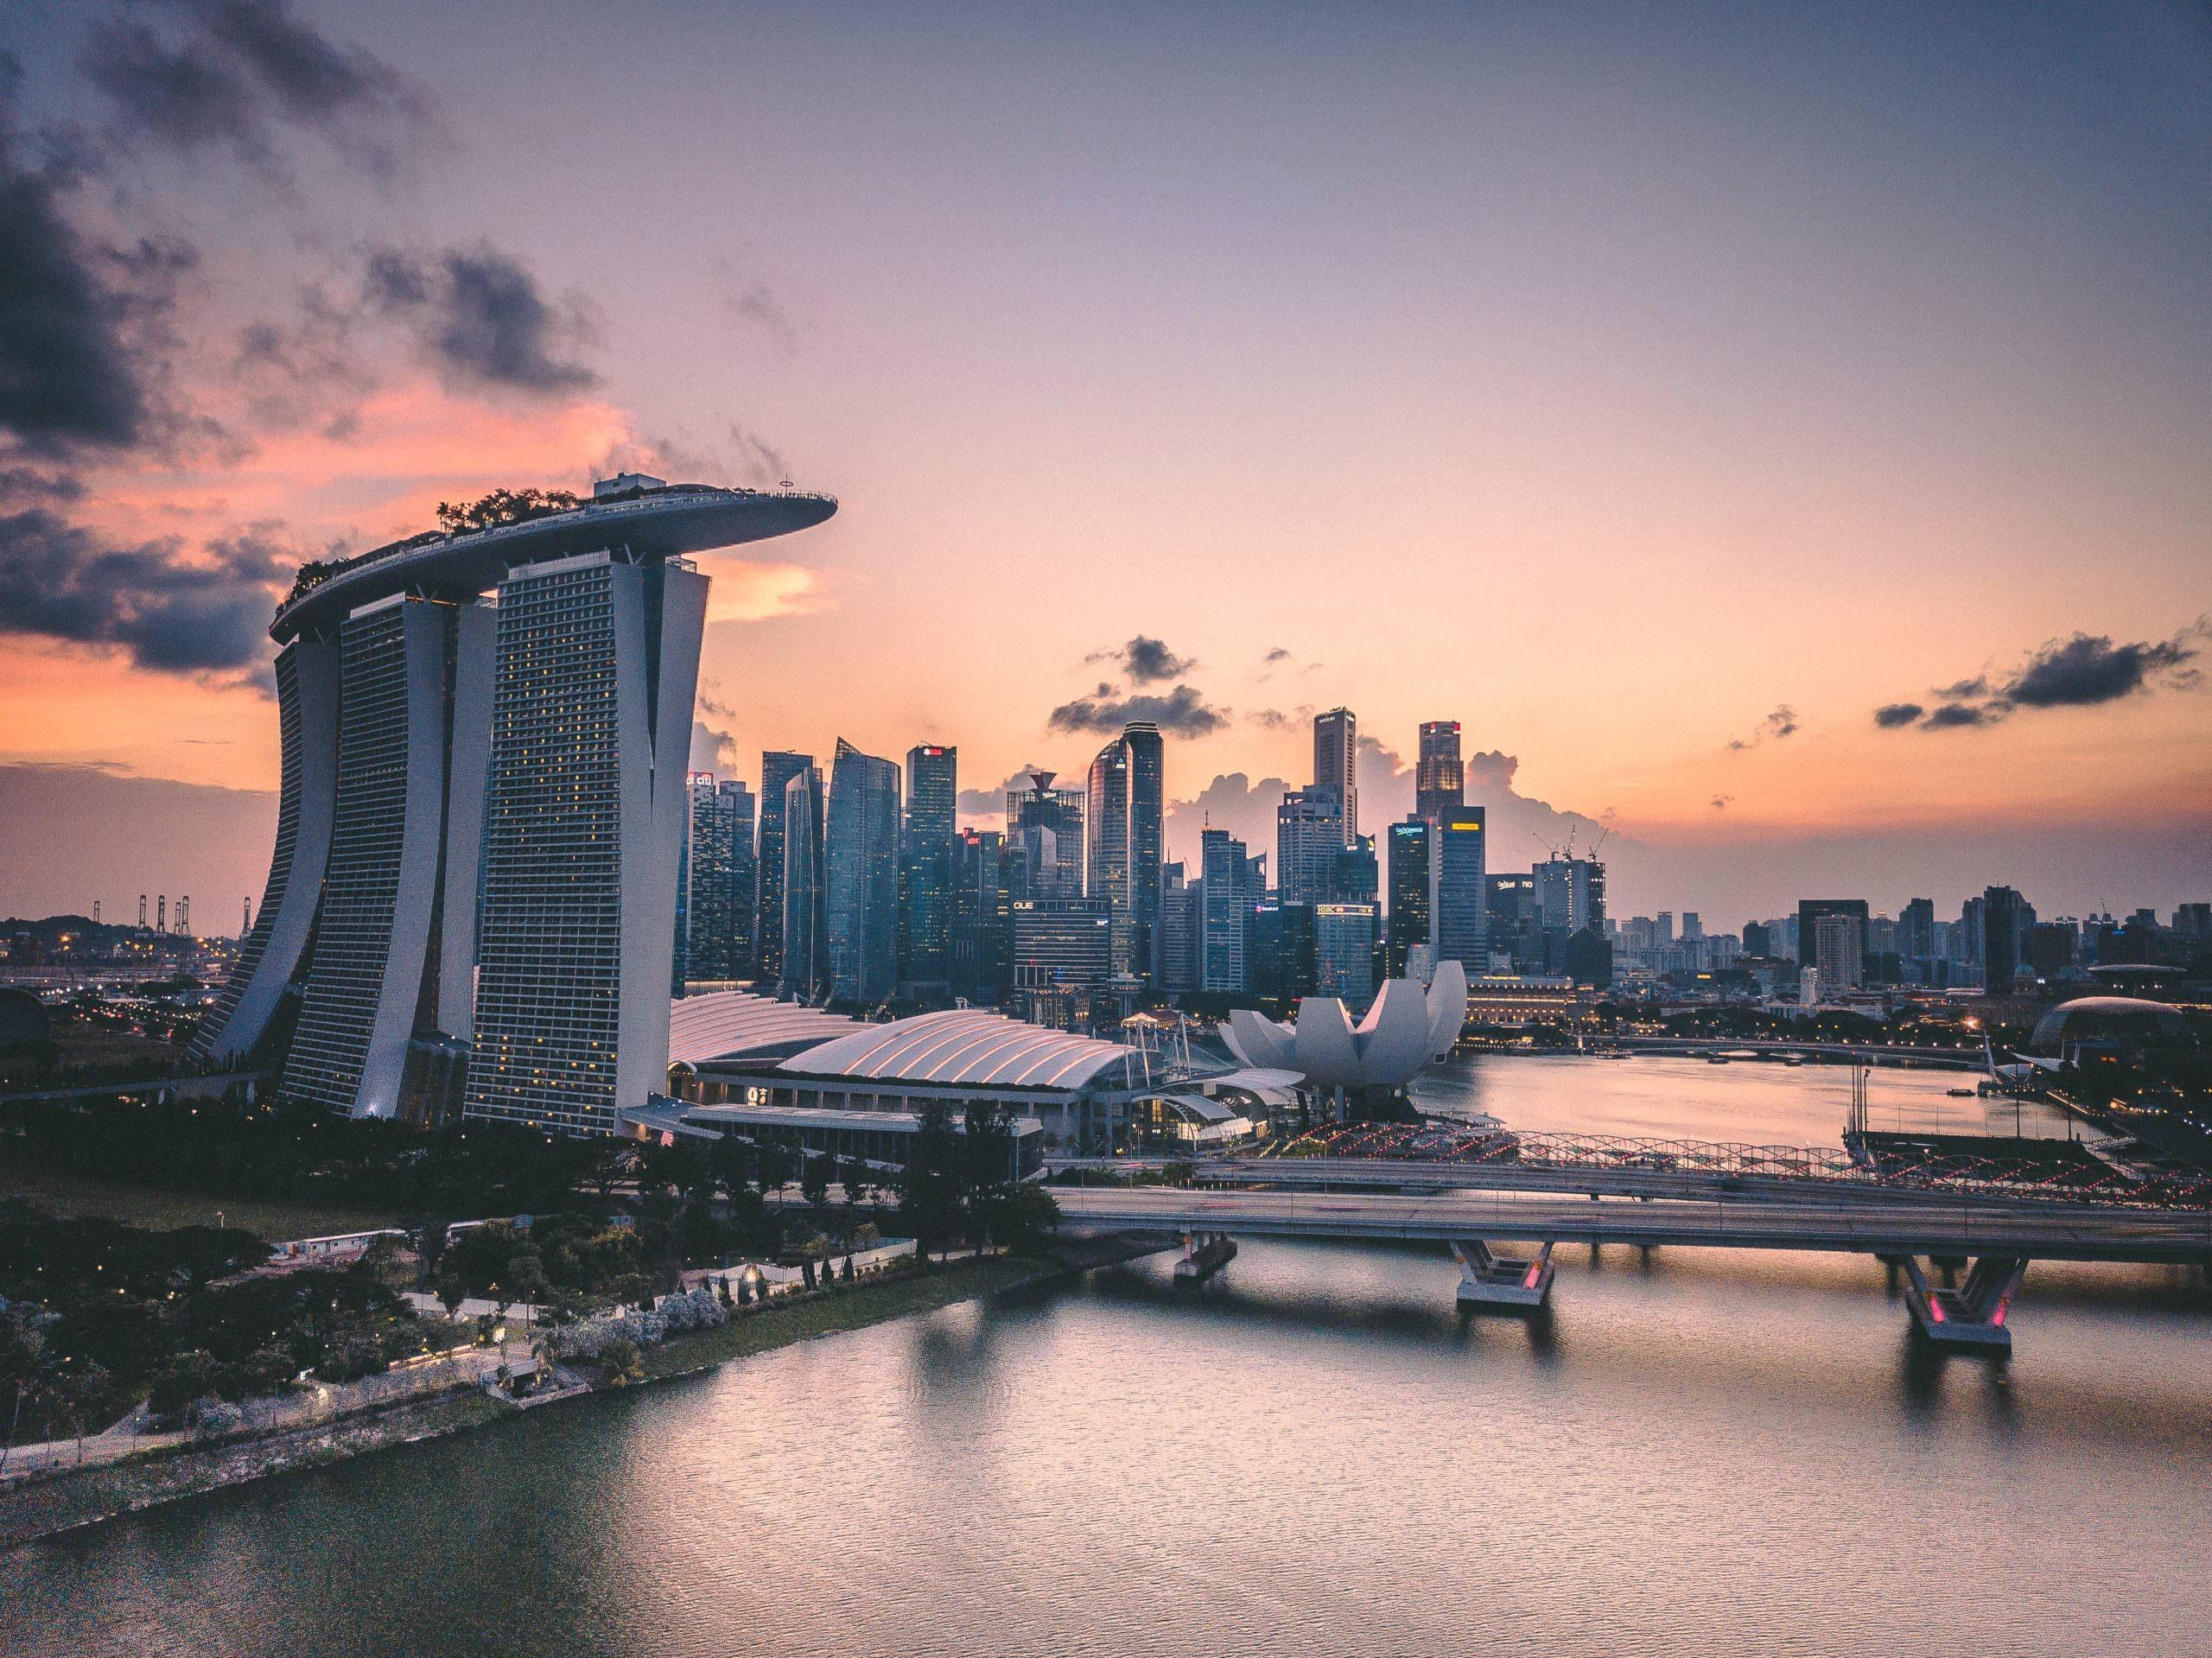 أفضل مناطق الجذب السياحي في سنغافورة